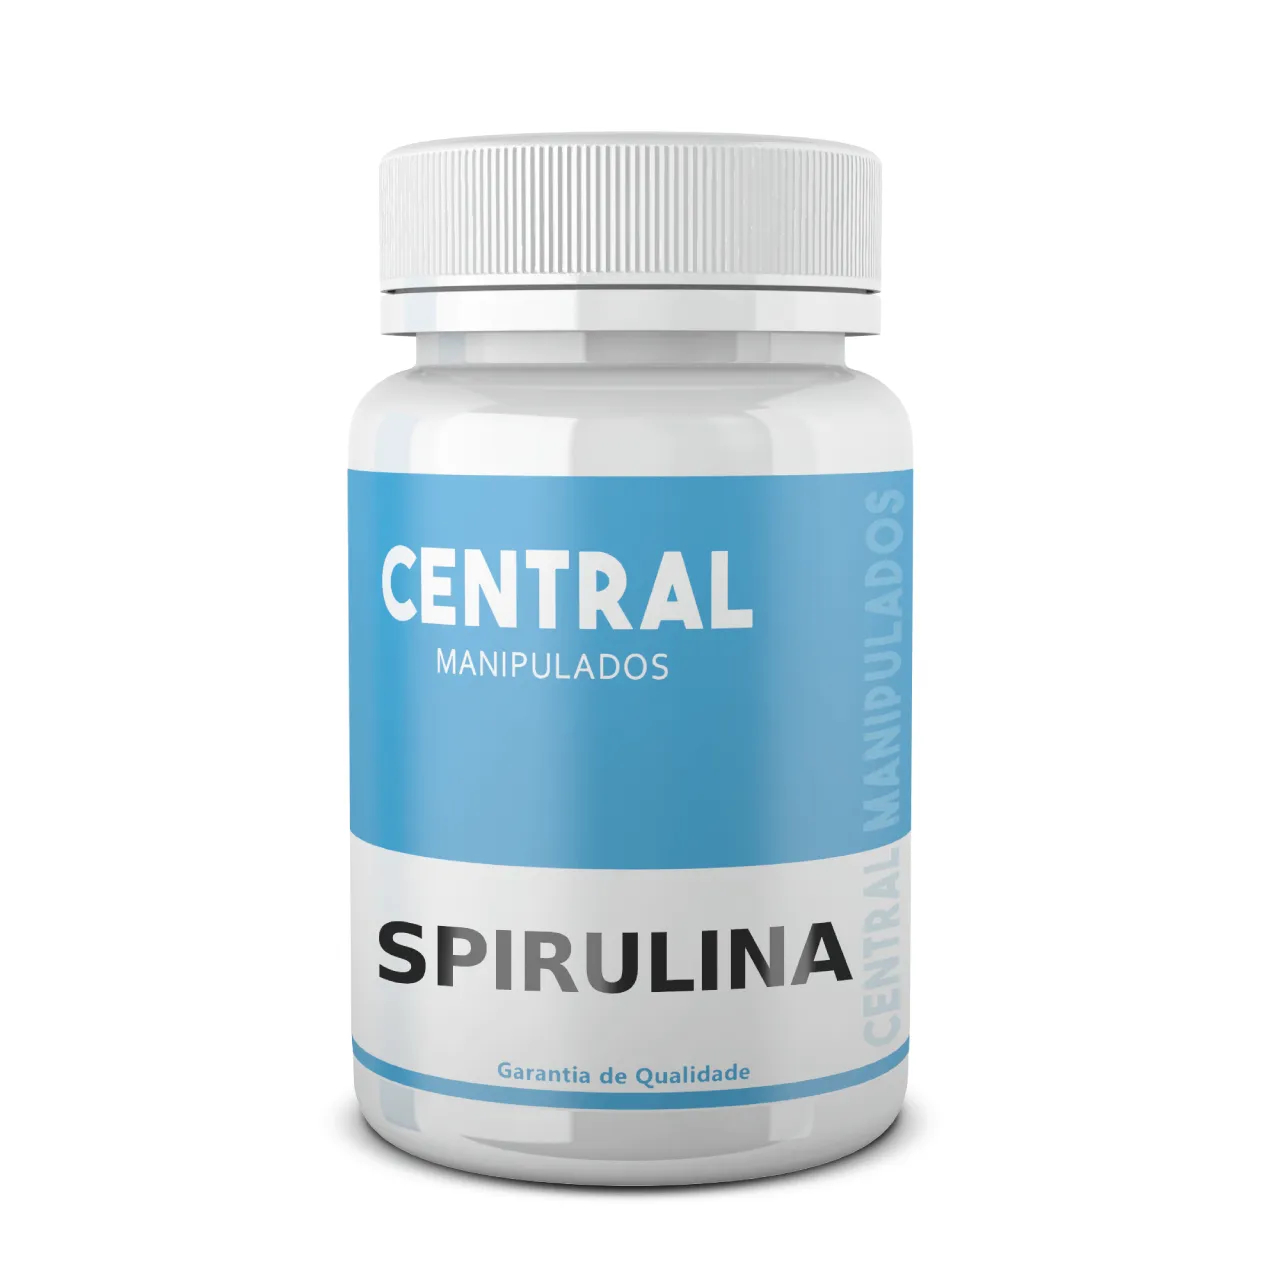 Spirulina 500mg - 60 cápsulas - Inibidor de Apetite, Promove saciação, Melhora a saúde digestiva e gastrintestinal, Fortalece imunidade